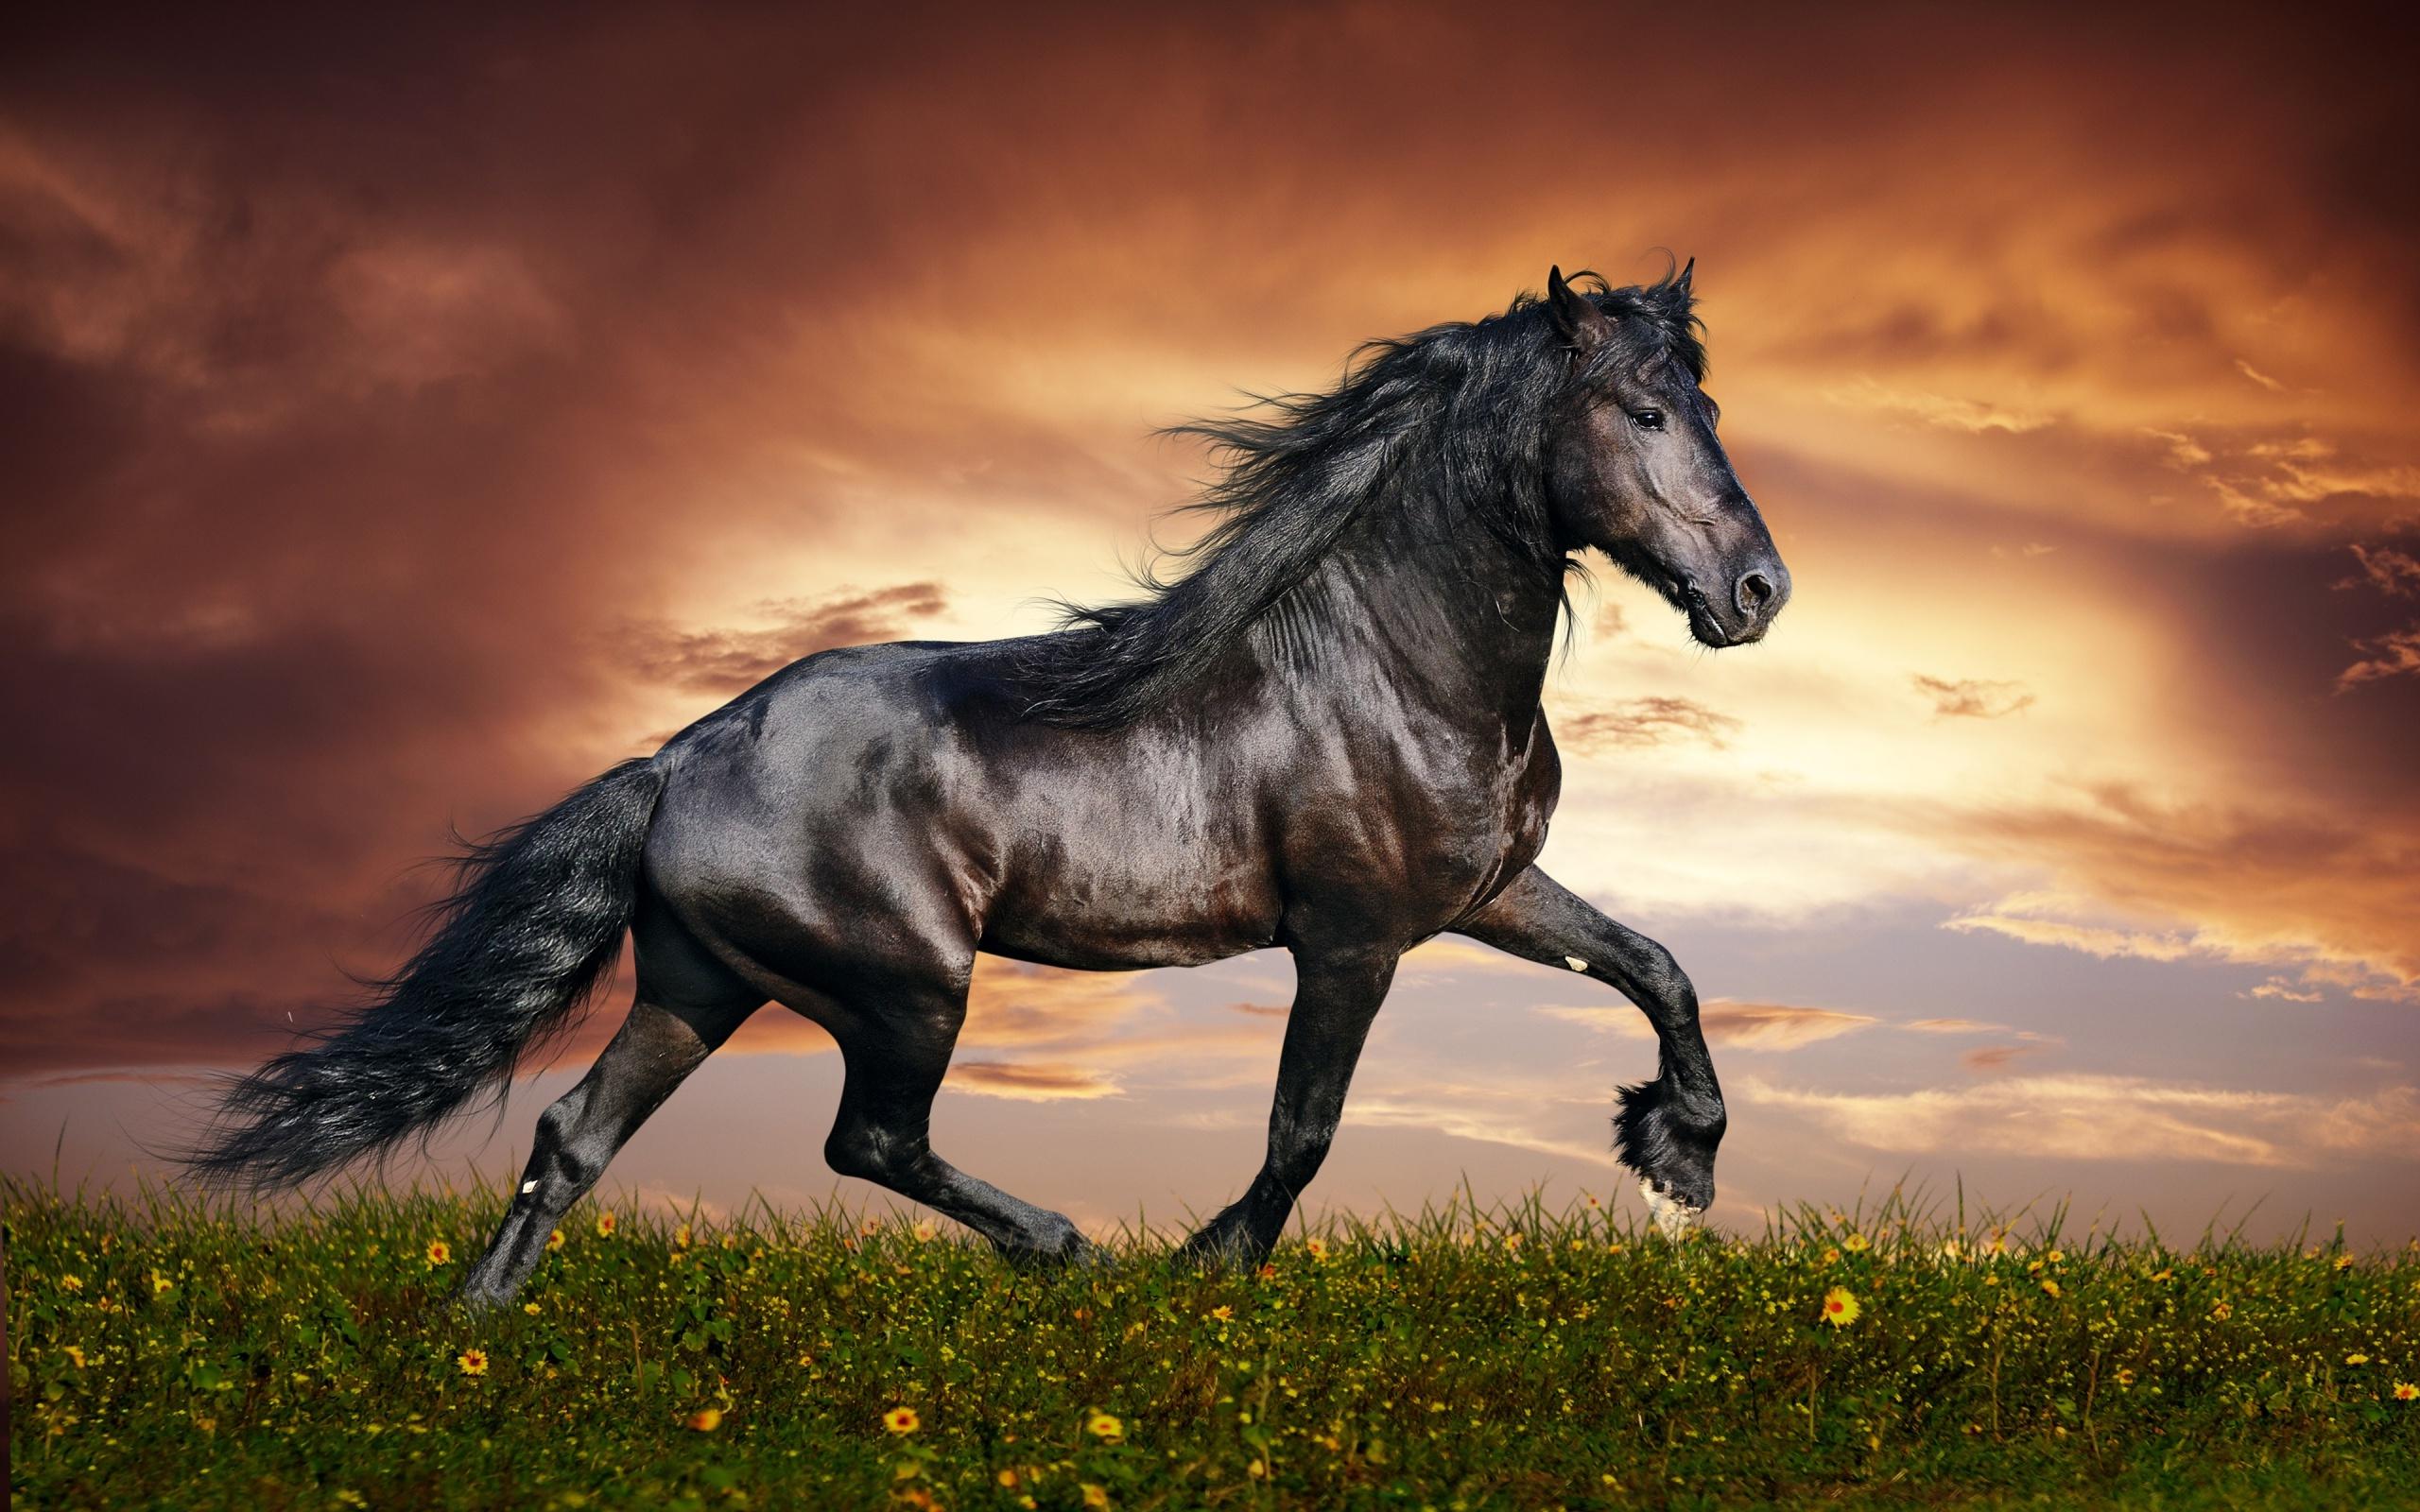 Horse Wallpaper Downloads 10269 Wallpaper 2560x1600